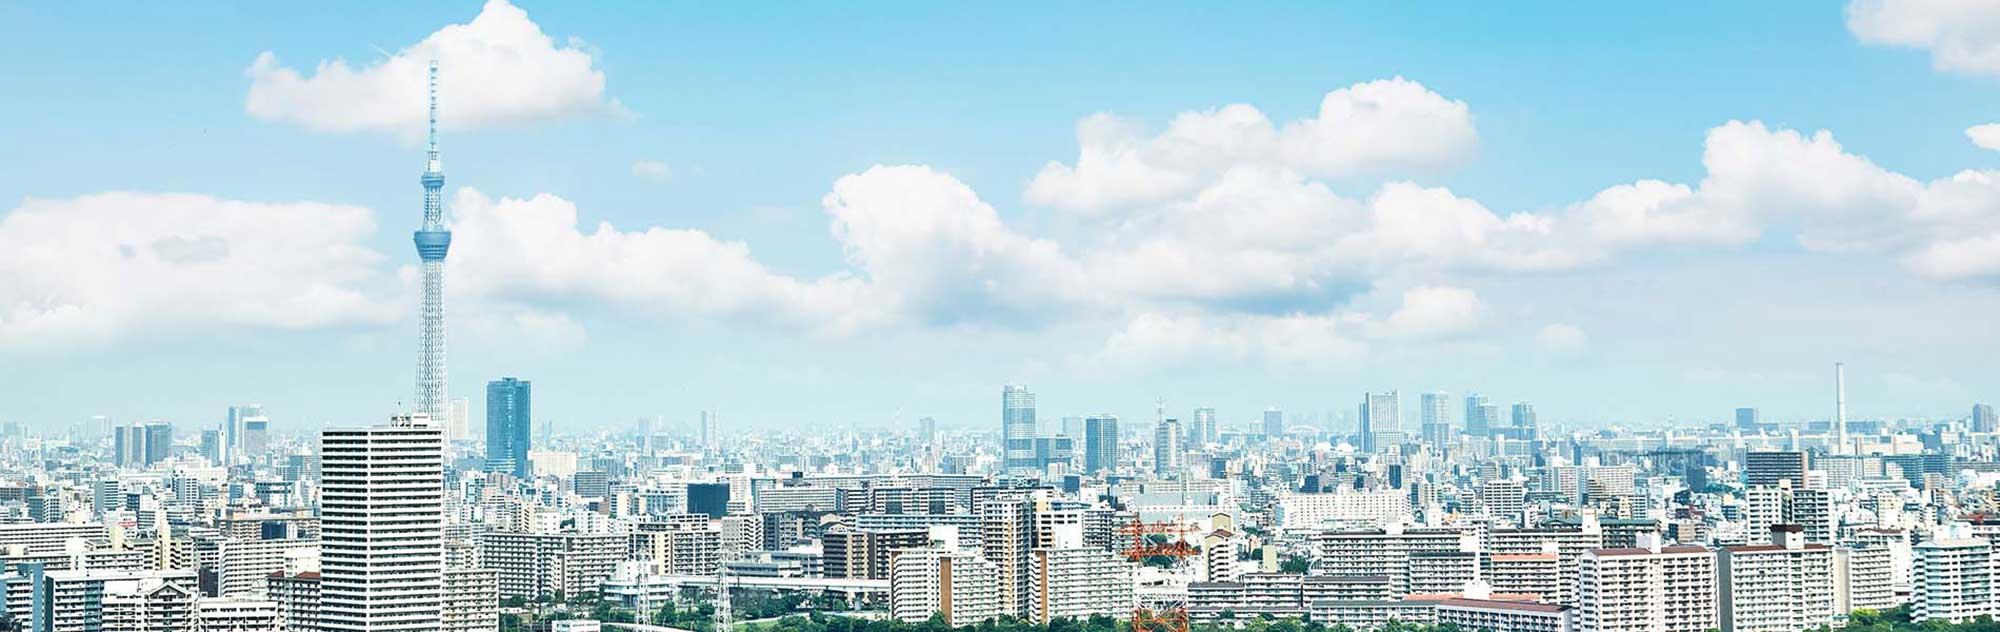 都市を支えるコンクリート技術